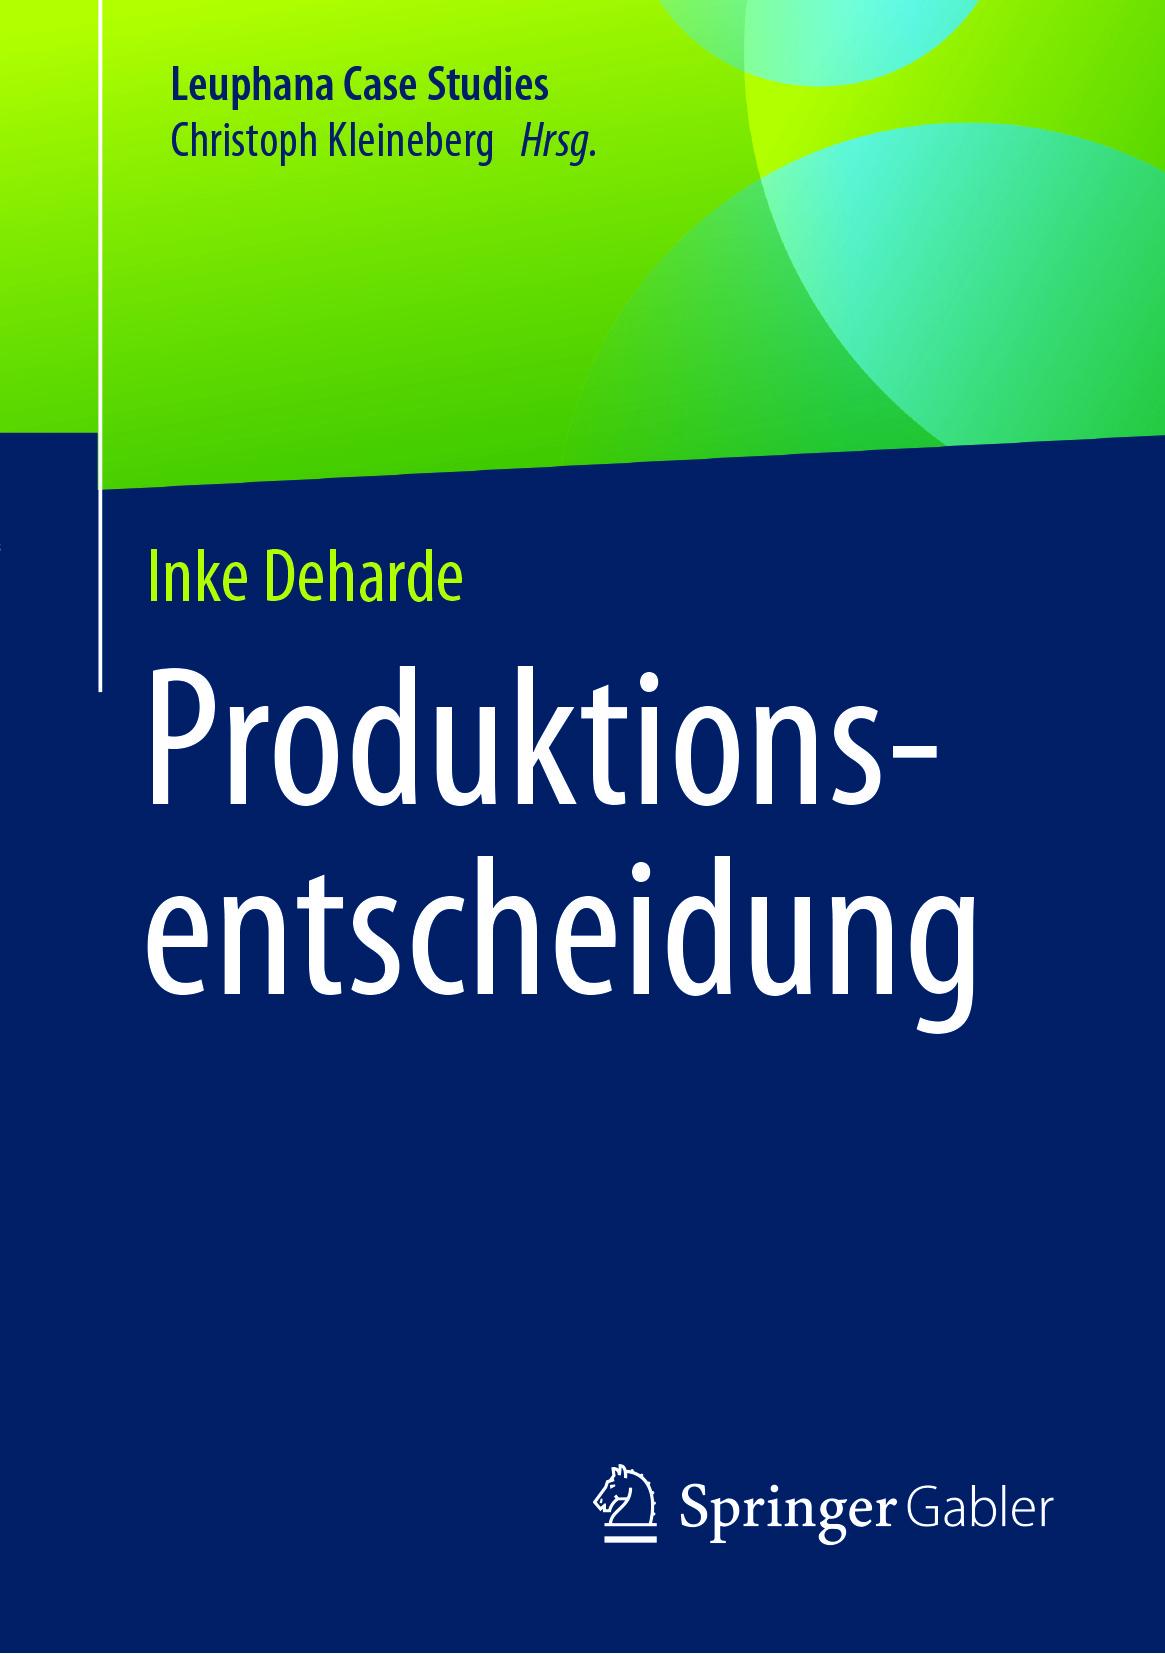 Deharde, Inke - Produktionsentscheidung, ebook